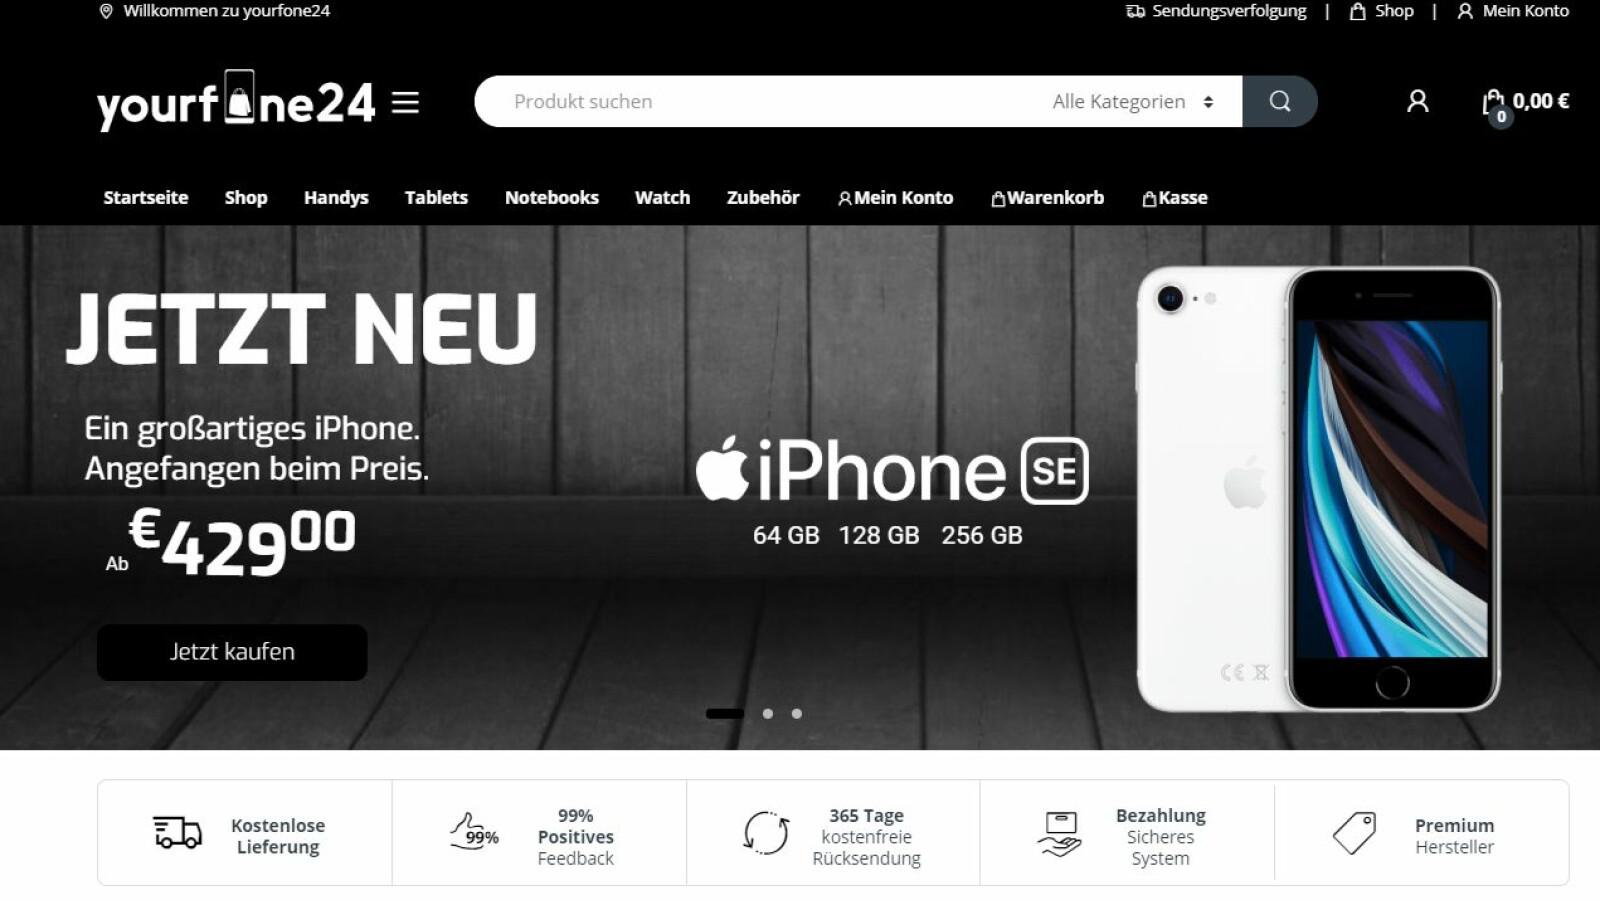 Yourfone24.de: Drillisch warnt vor Fake-Shop